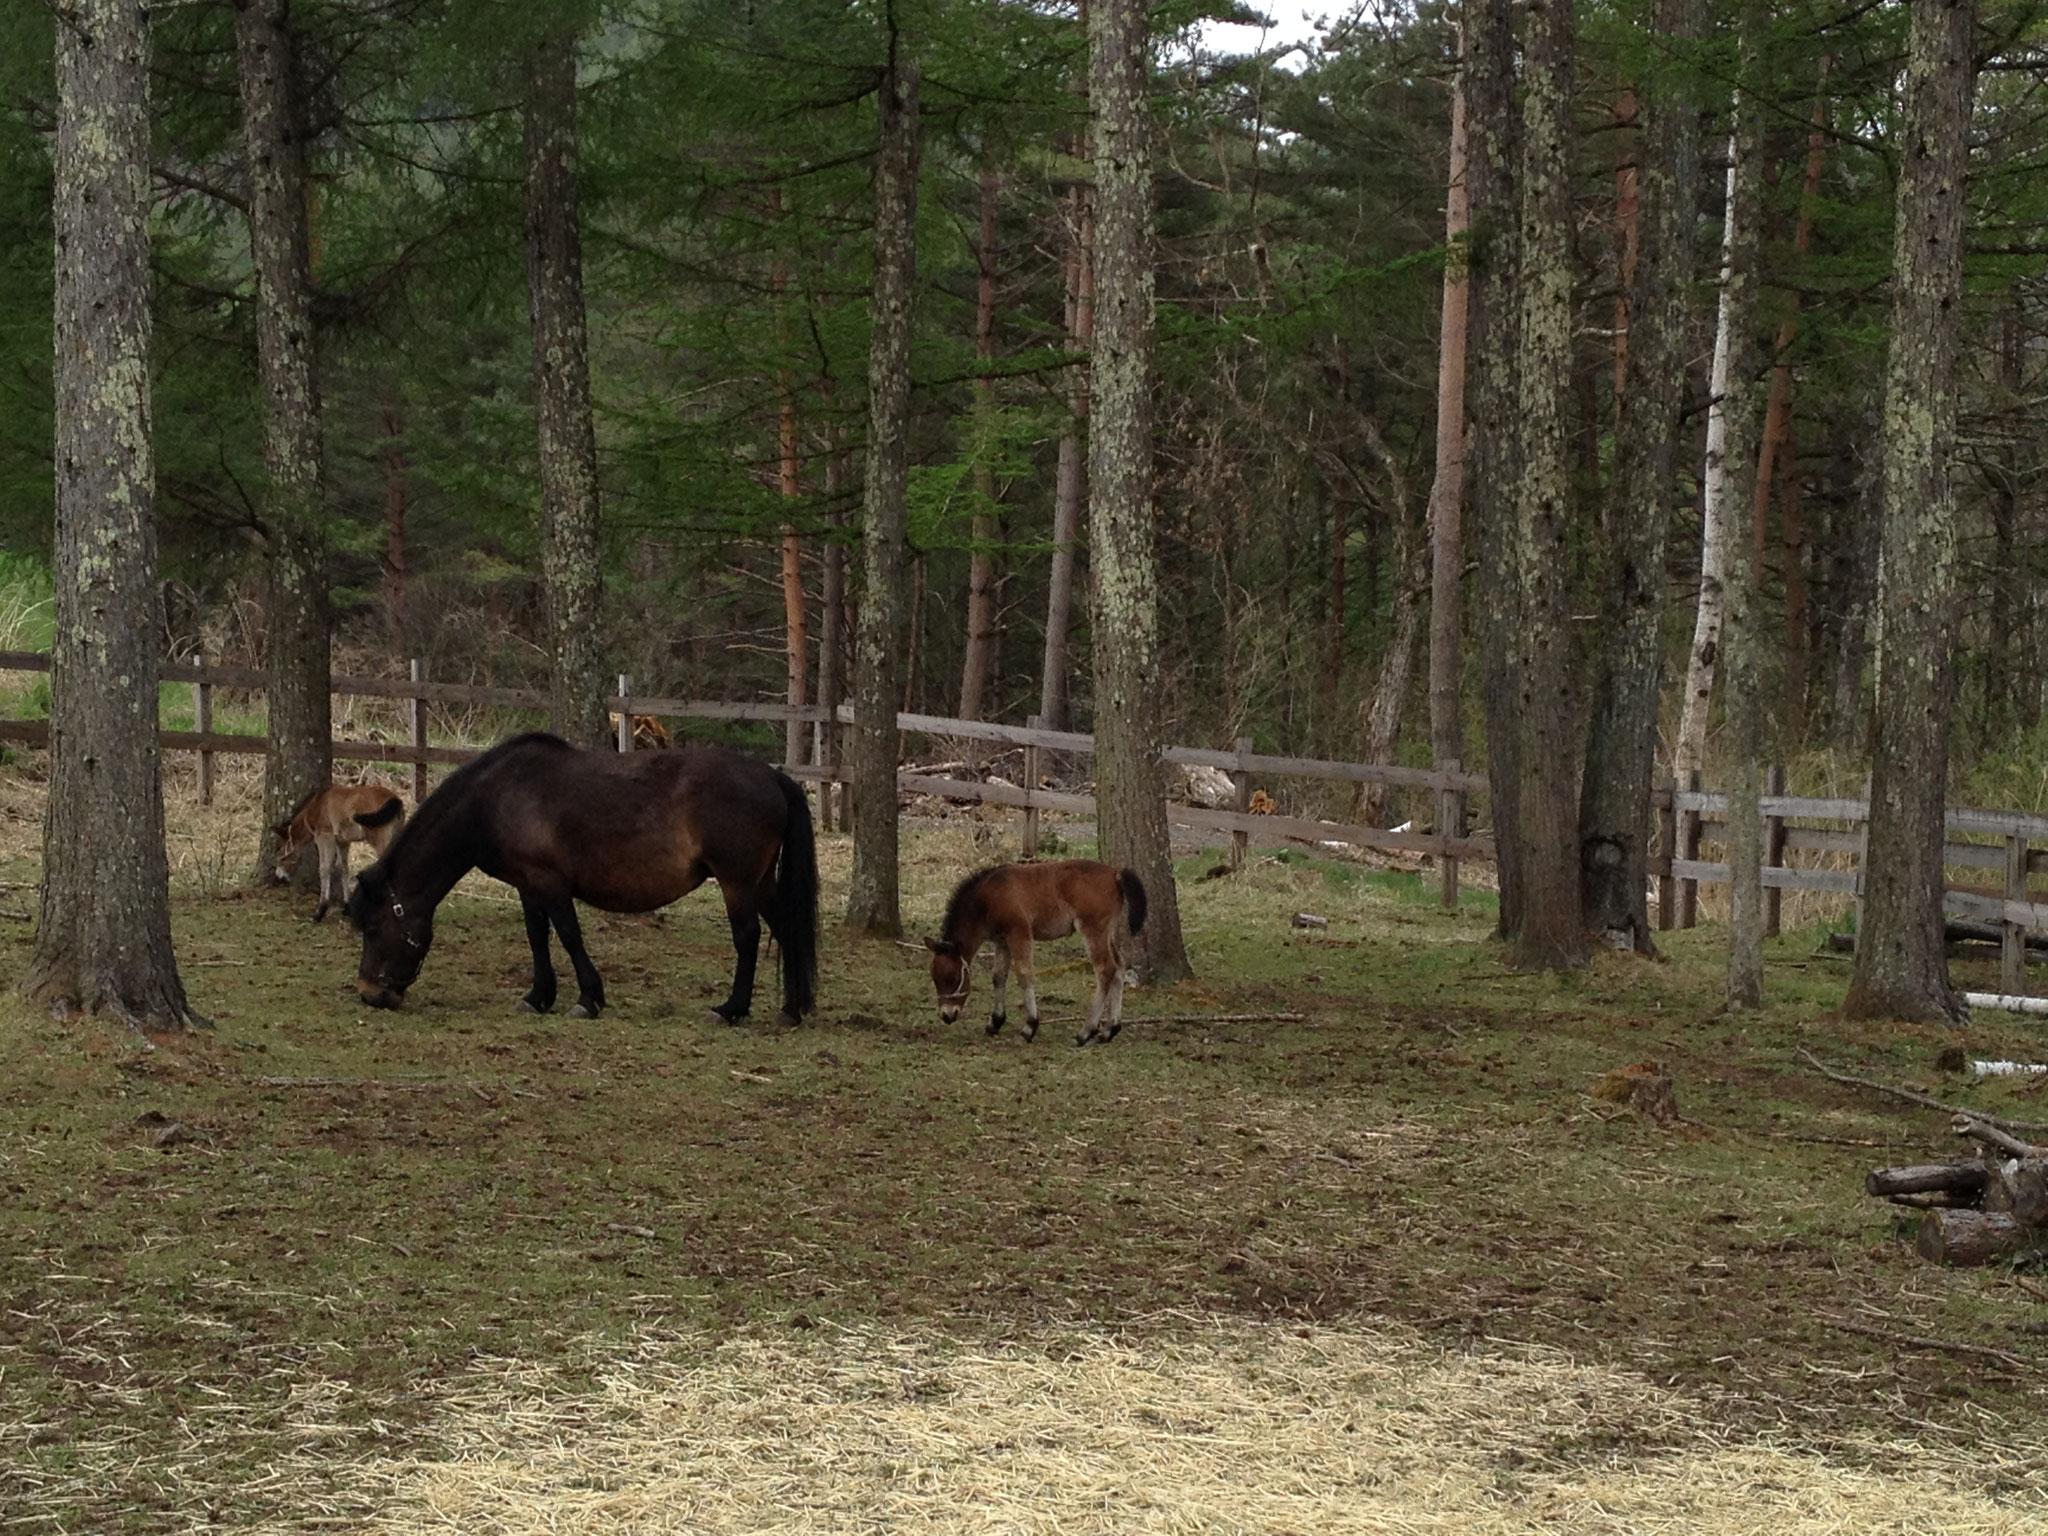 『木曽馬の里』ではこの春生まれたという仔馬に会えました。